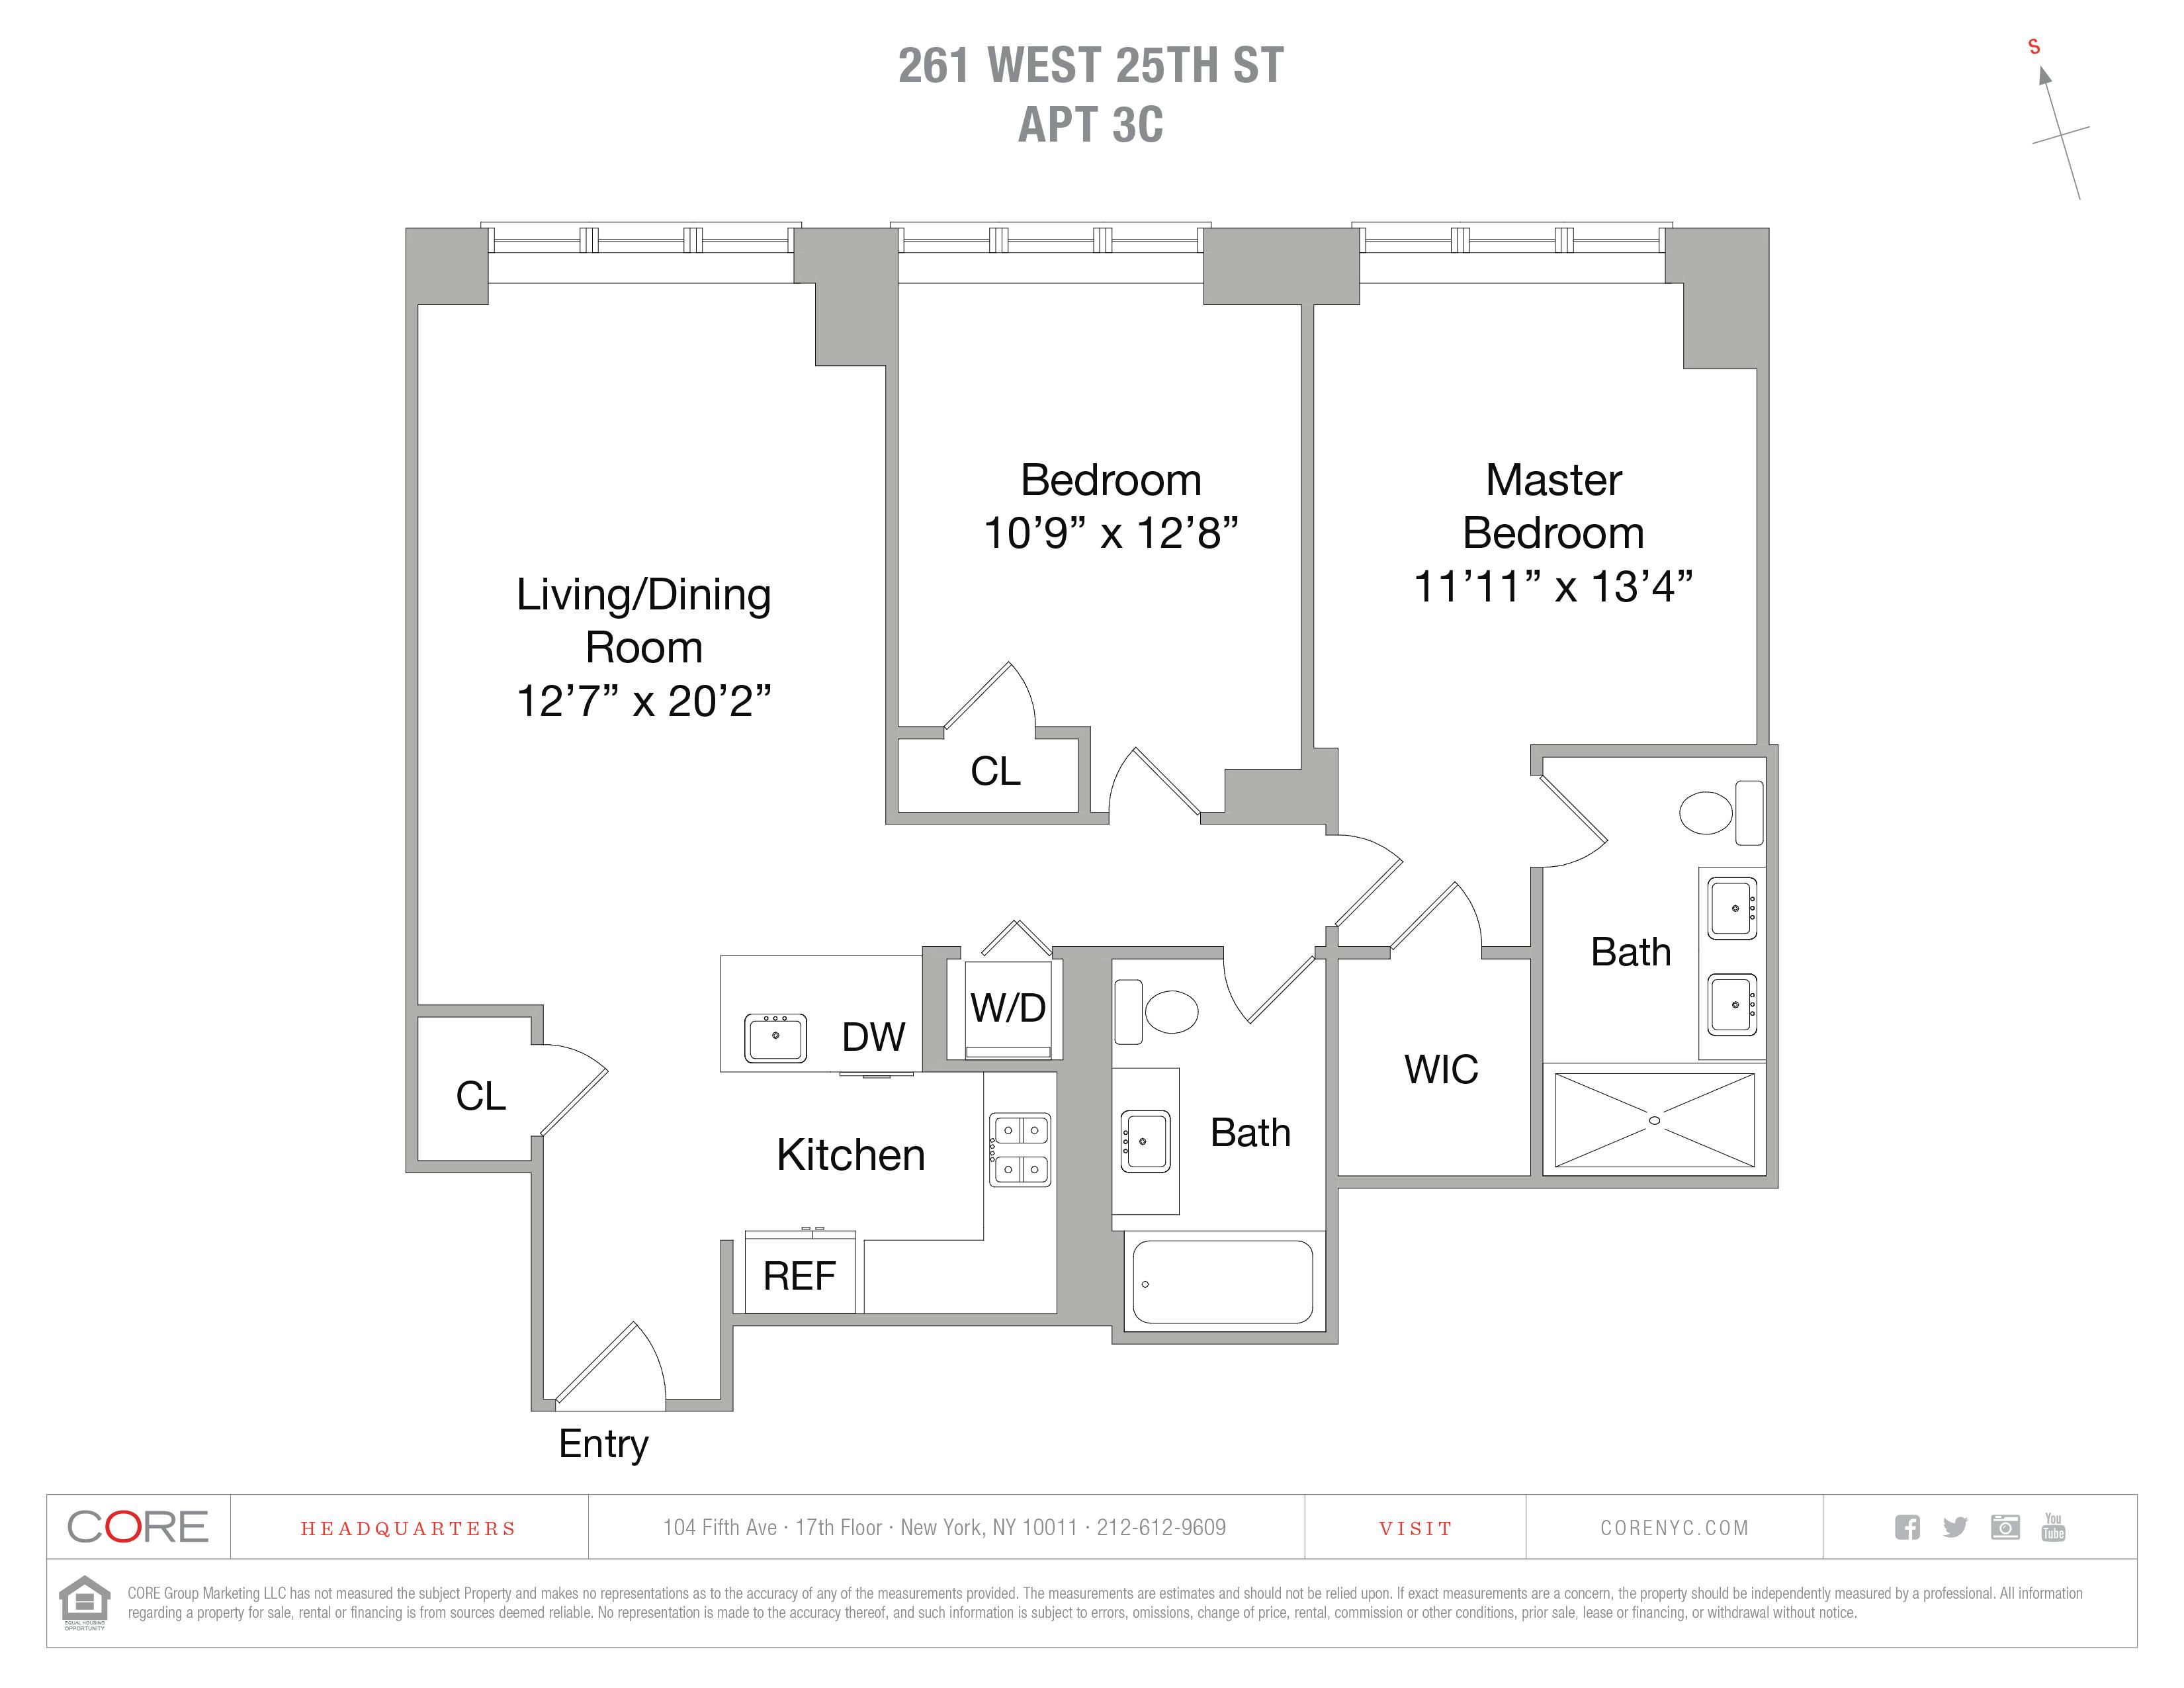 261 West 25th St. 3C, New York, NY 10001